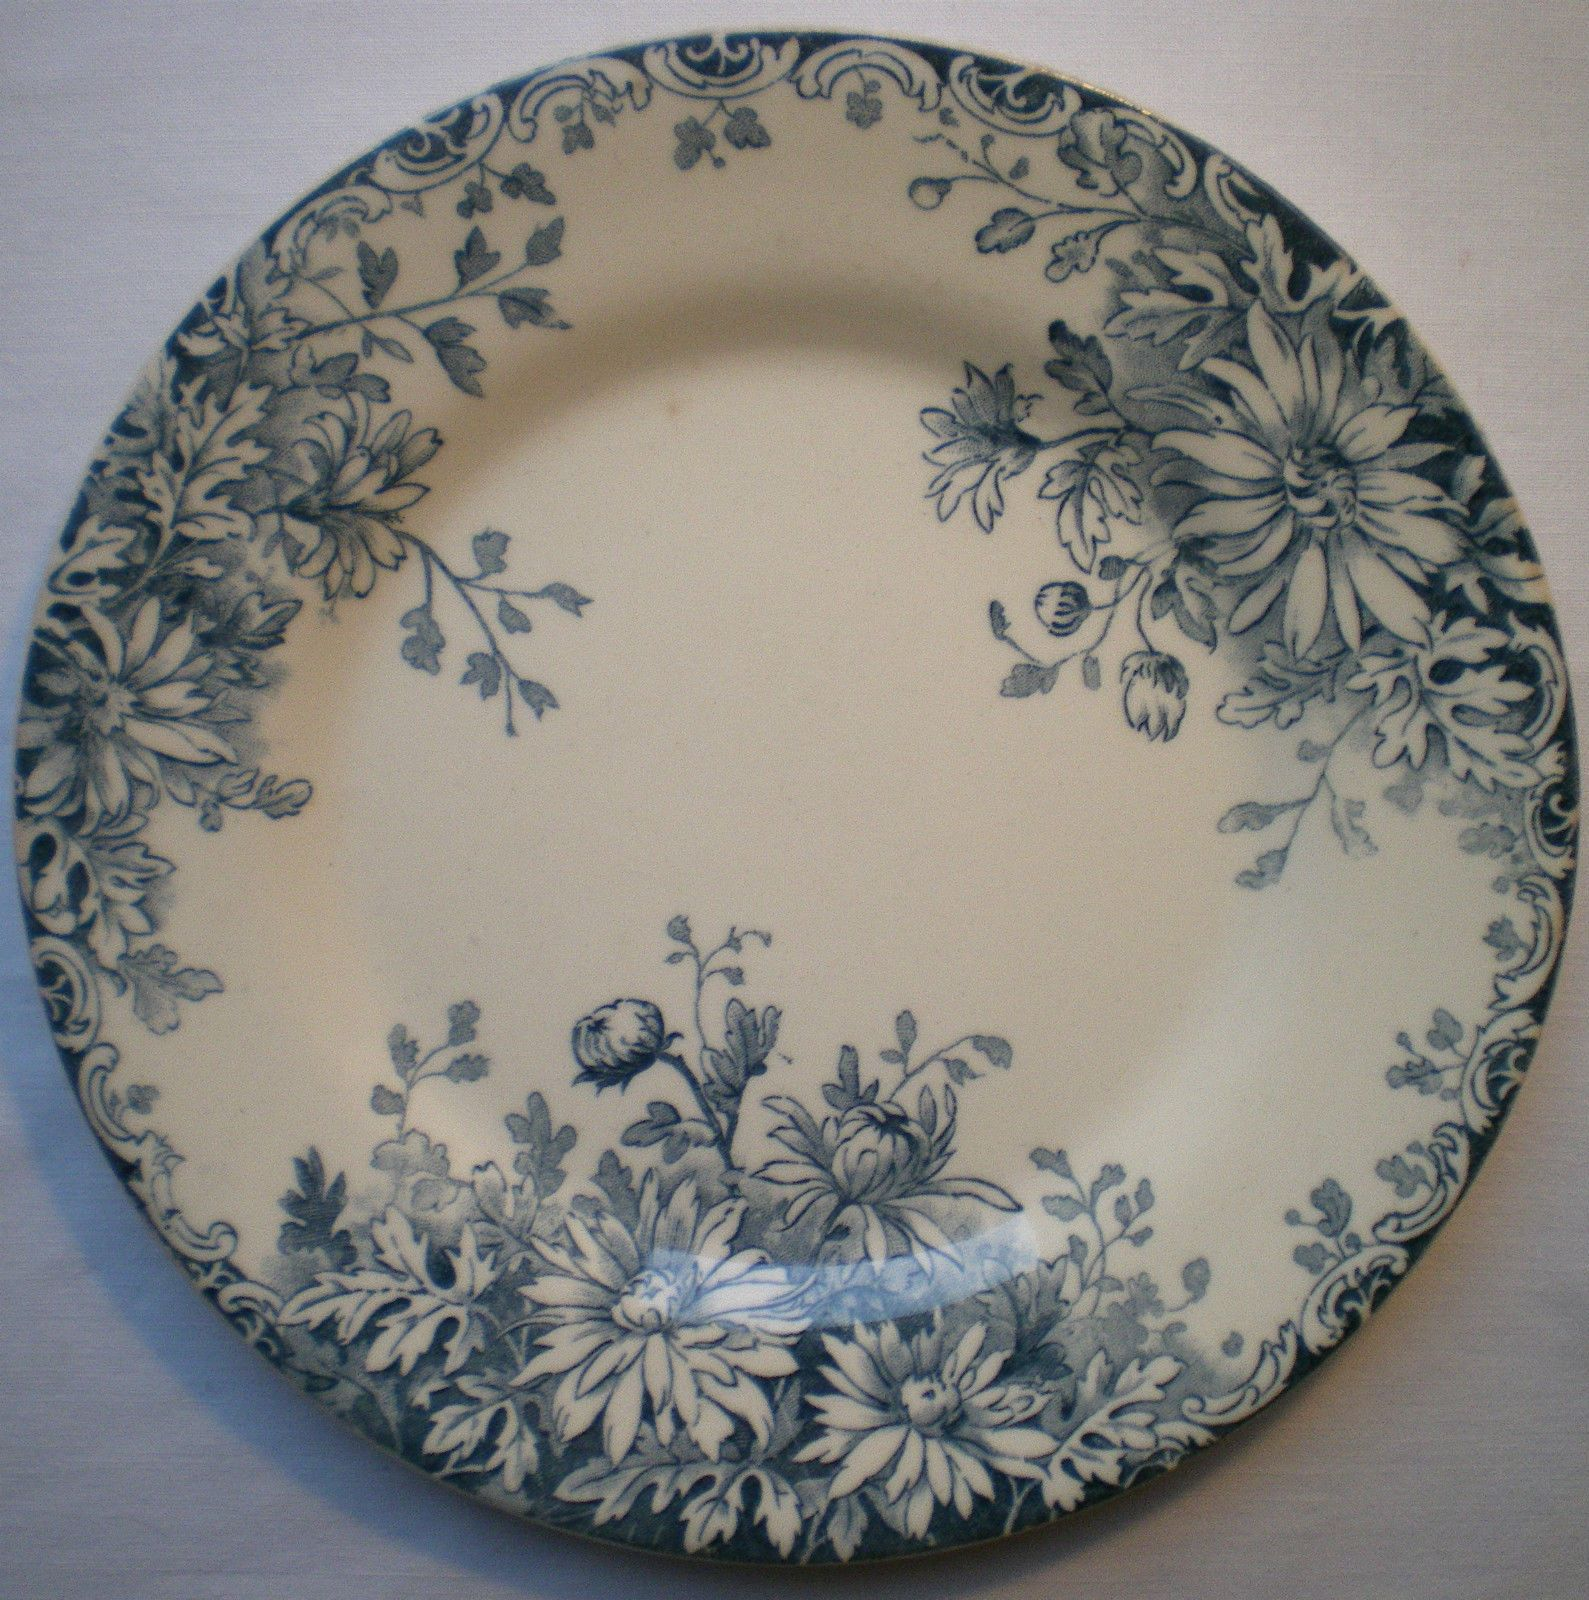 assiette art nouveau terre de fer gien mod le en bleu fleurs d 39 automne ebay d co table. Black Bedroom Furniture Sets. Home Design Ideas